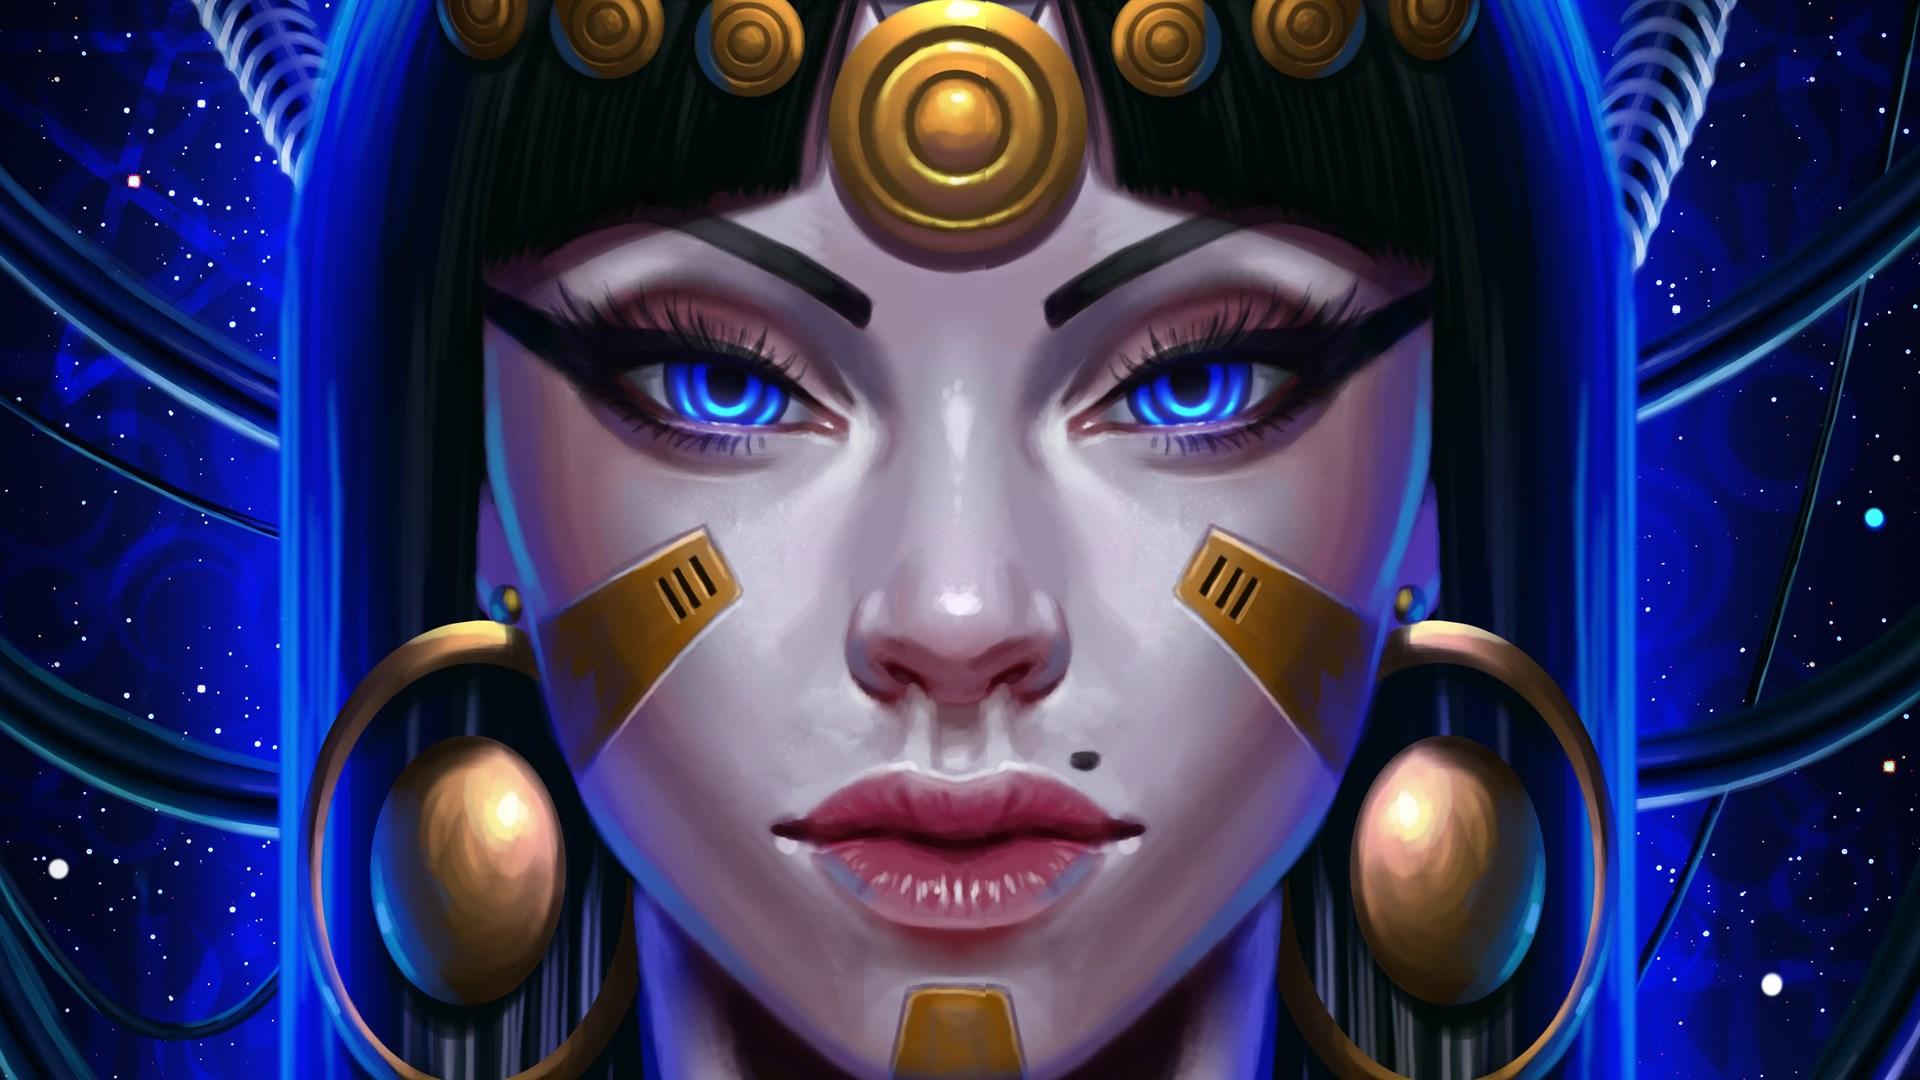 Get Horoscope, Tarot, Astrology: Fortune Teller AstroBot - Microsoft